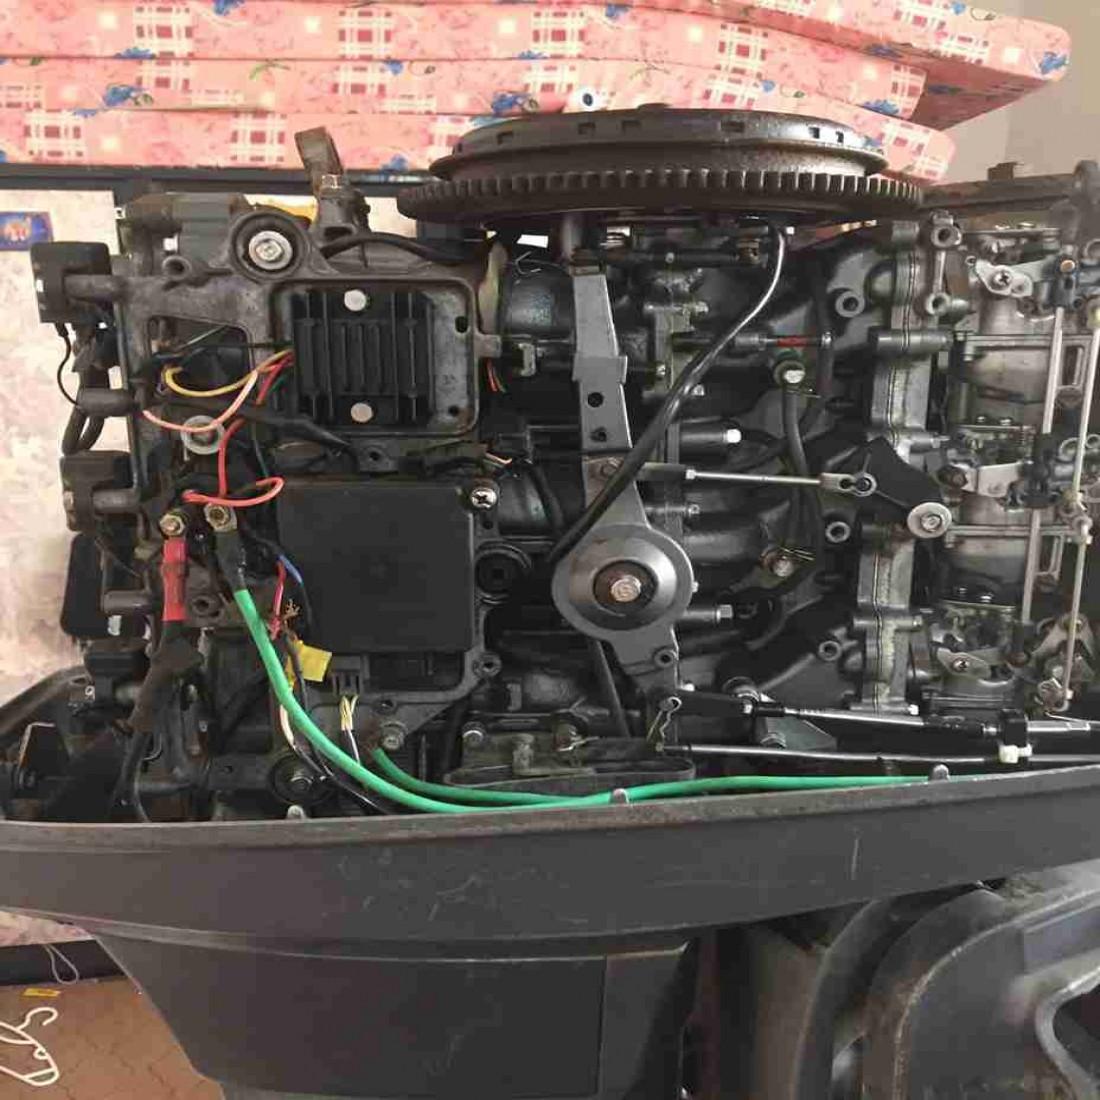 فروش موتور یاماها 85 تازه سرویس شده